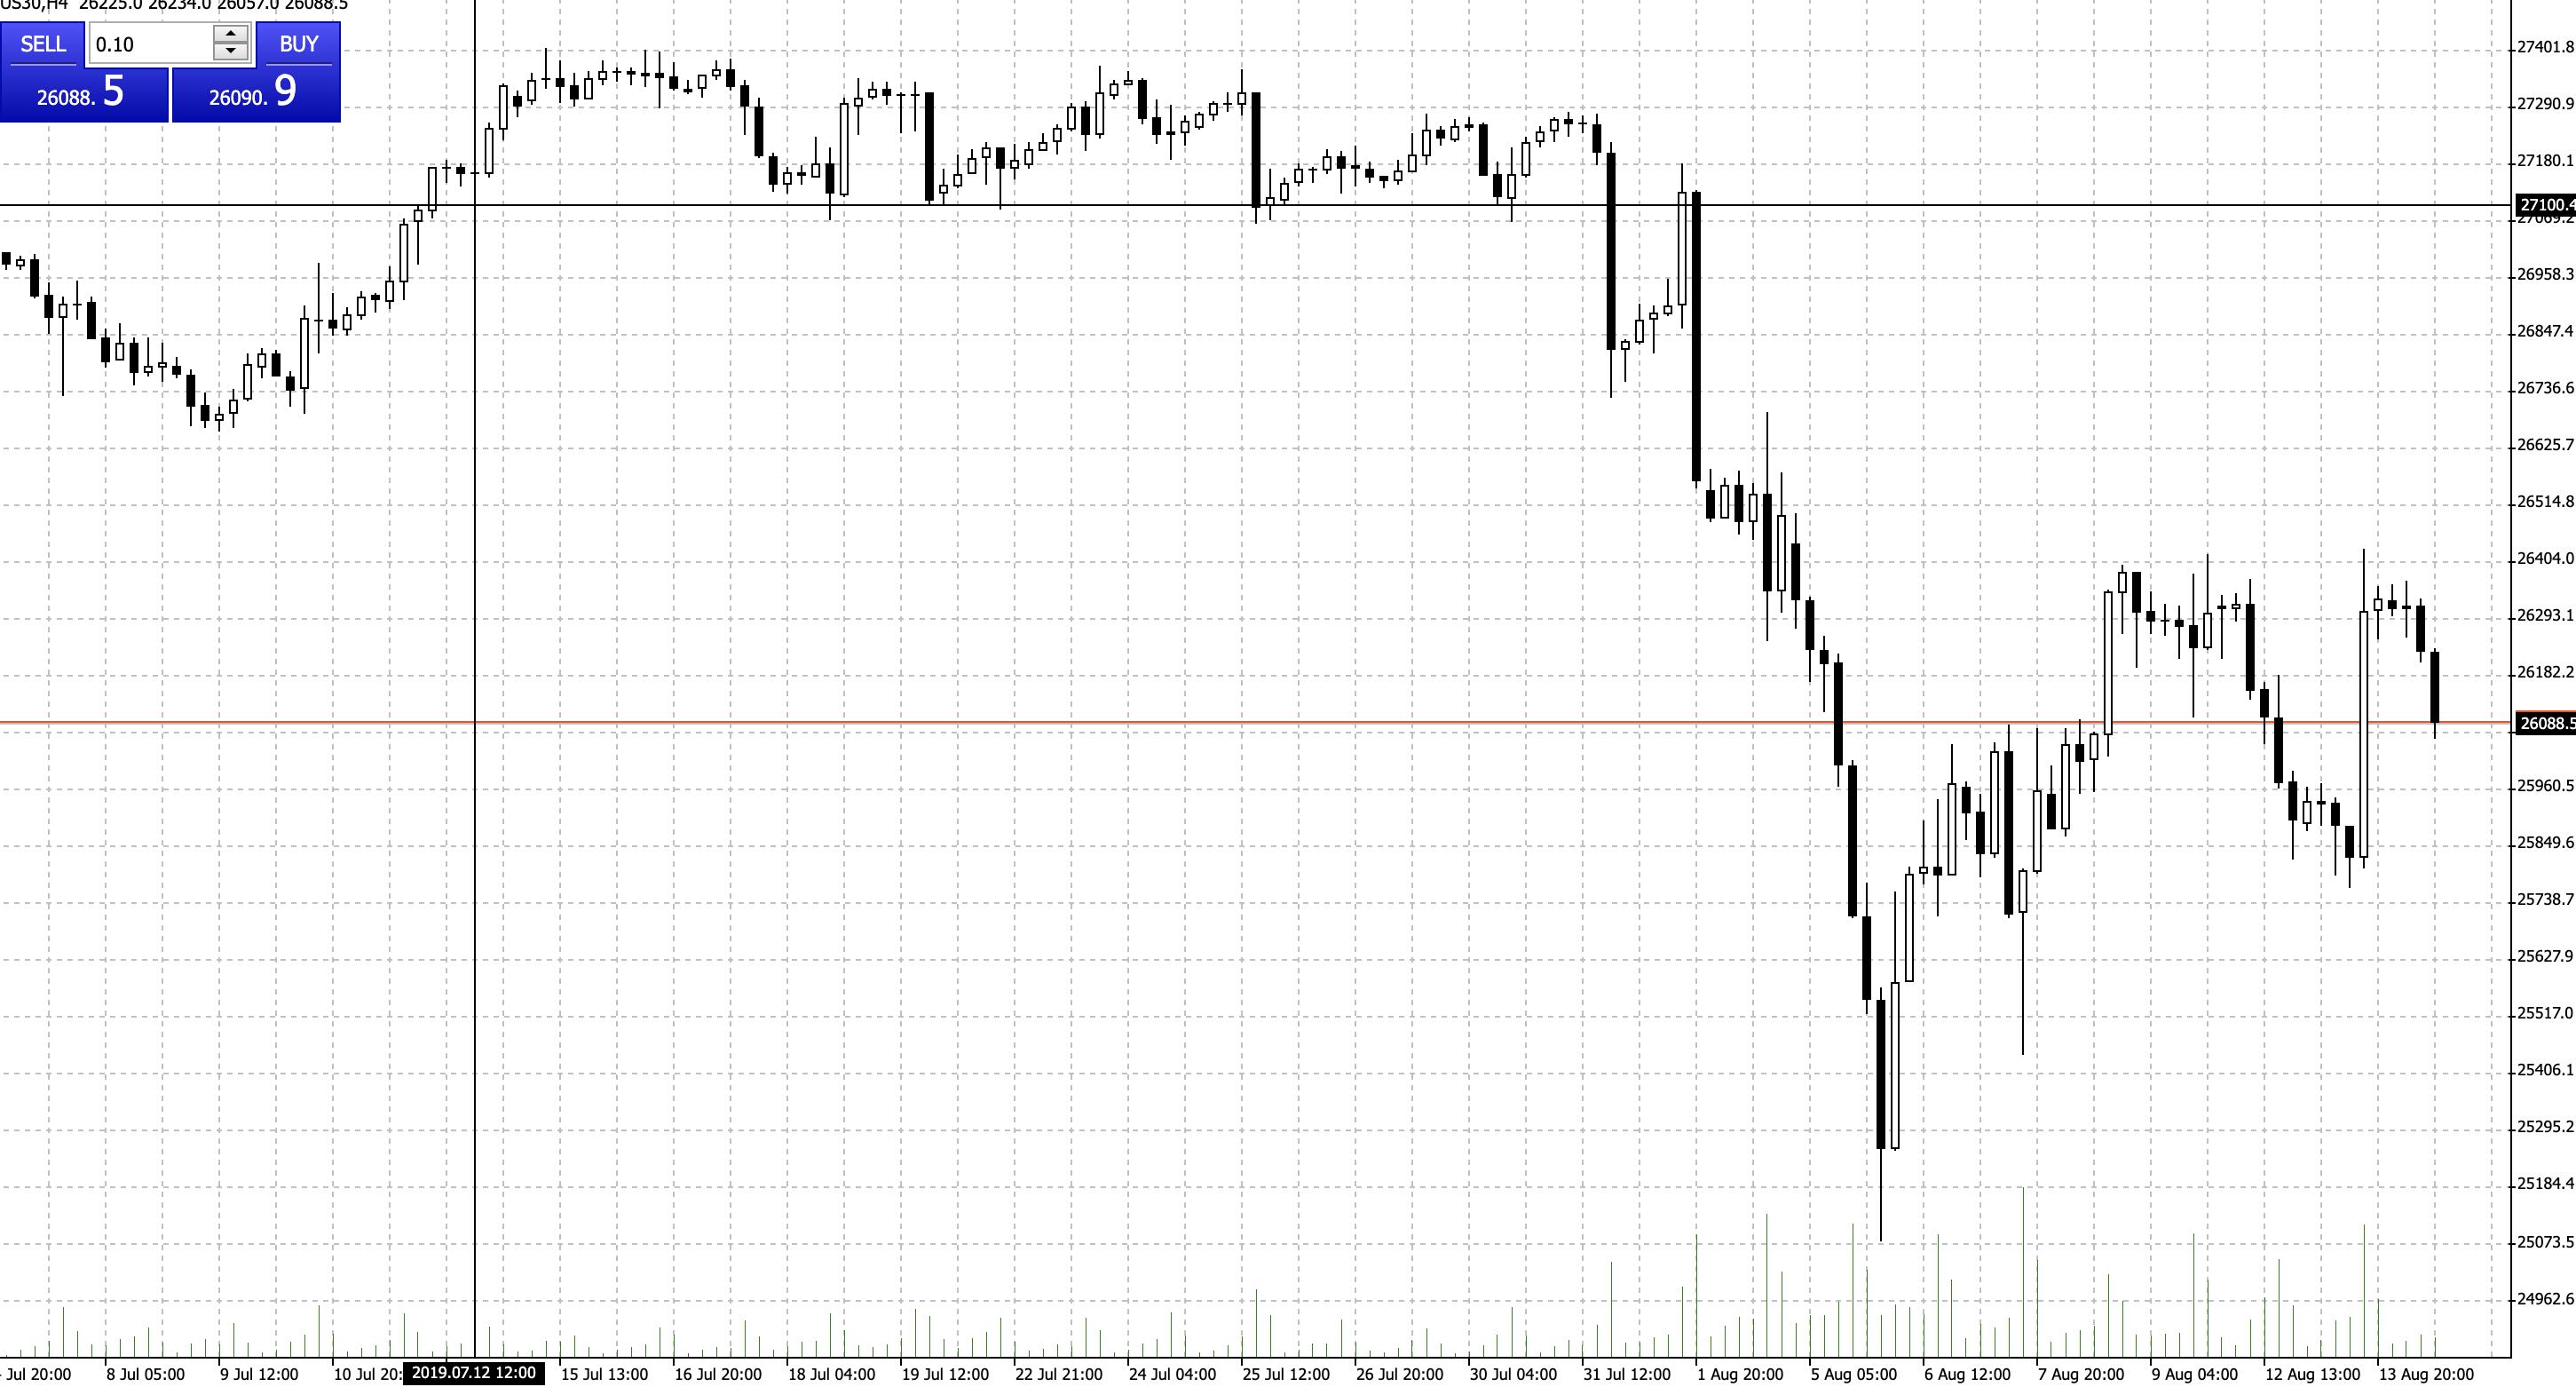 Dow letzte Woche